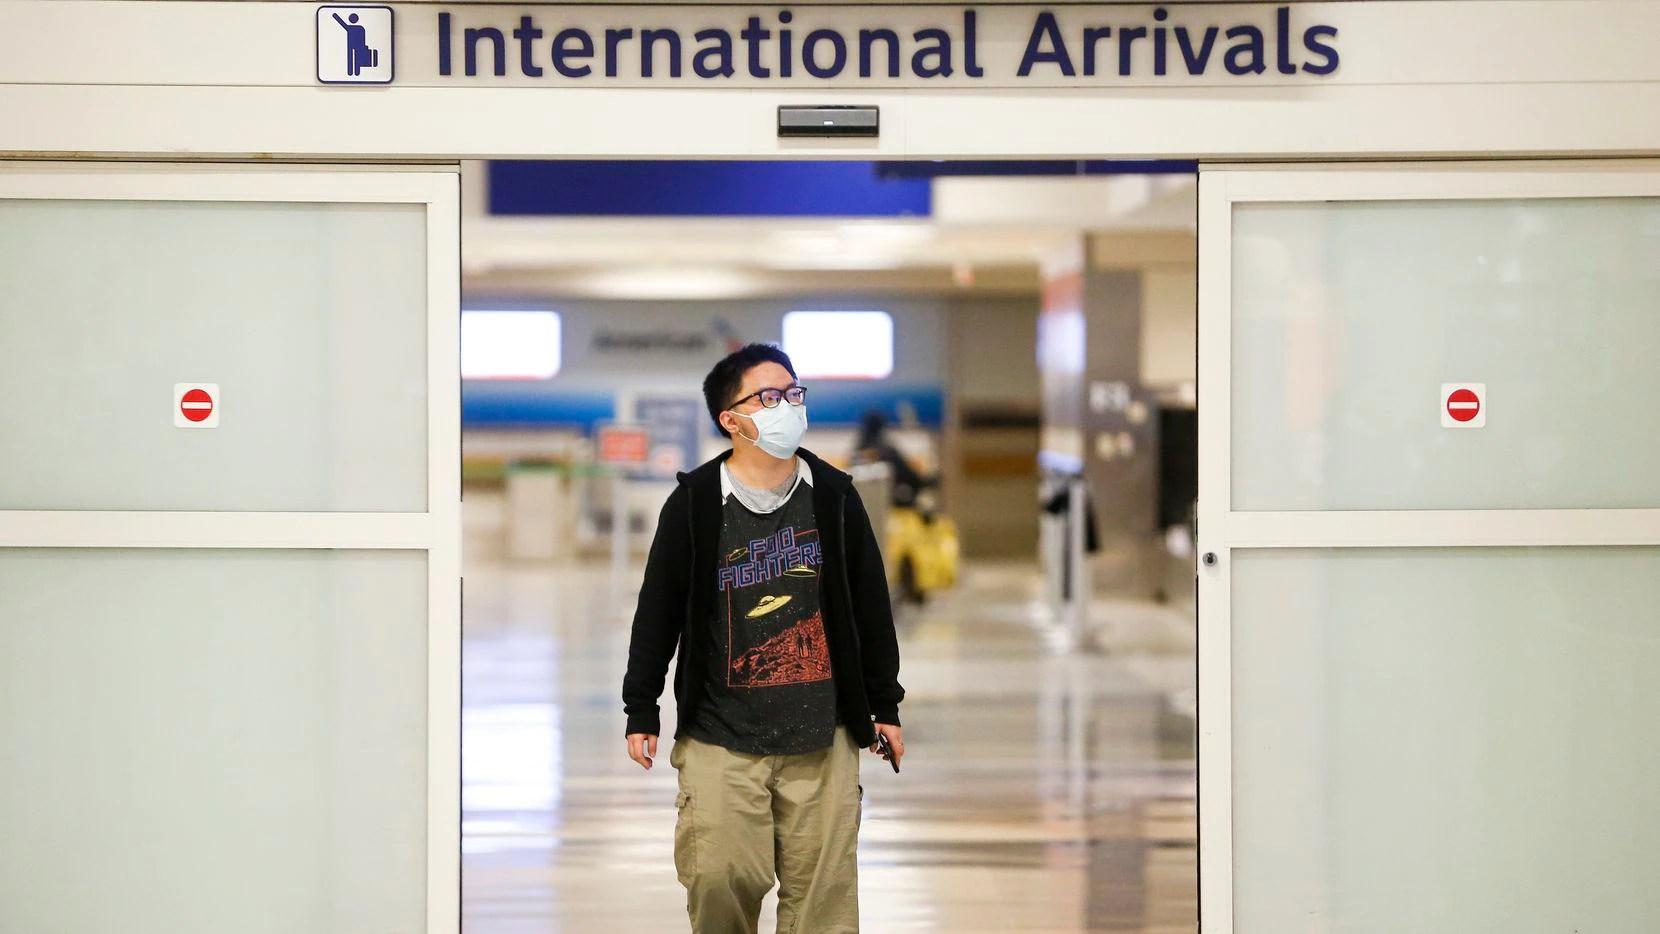 Stepped-up coronavirus screening to start at DFW Airport